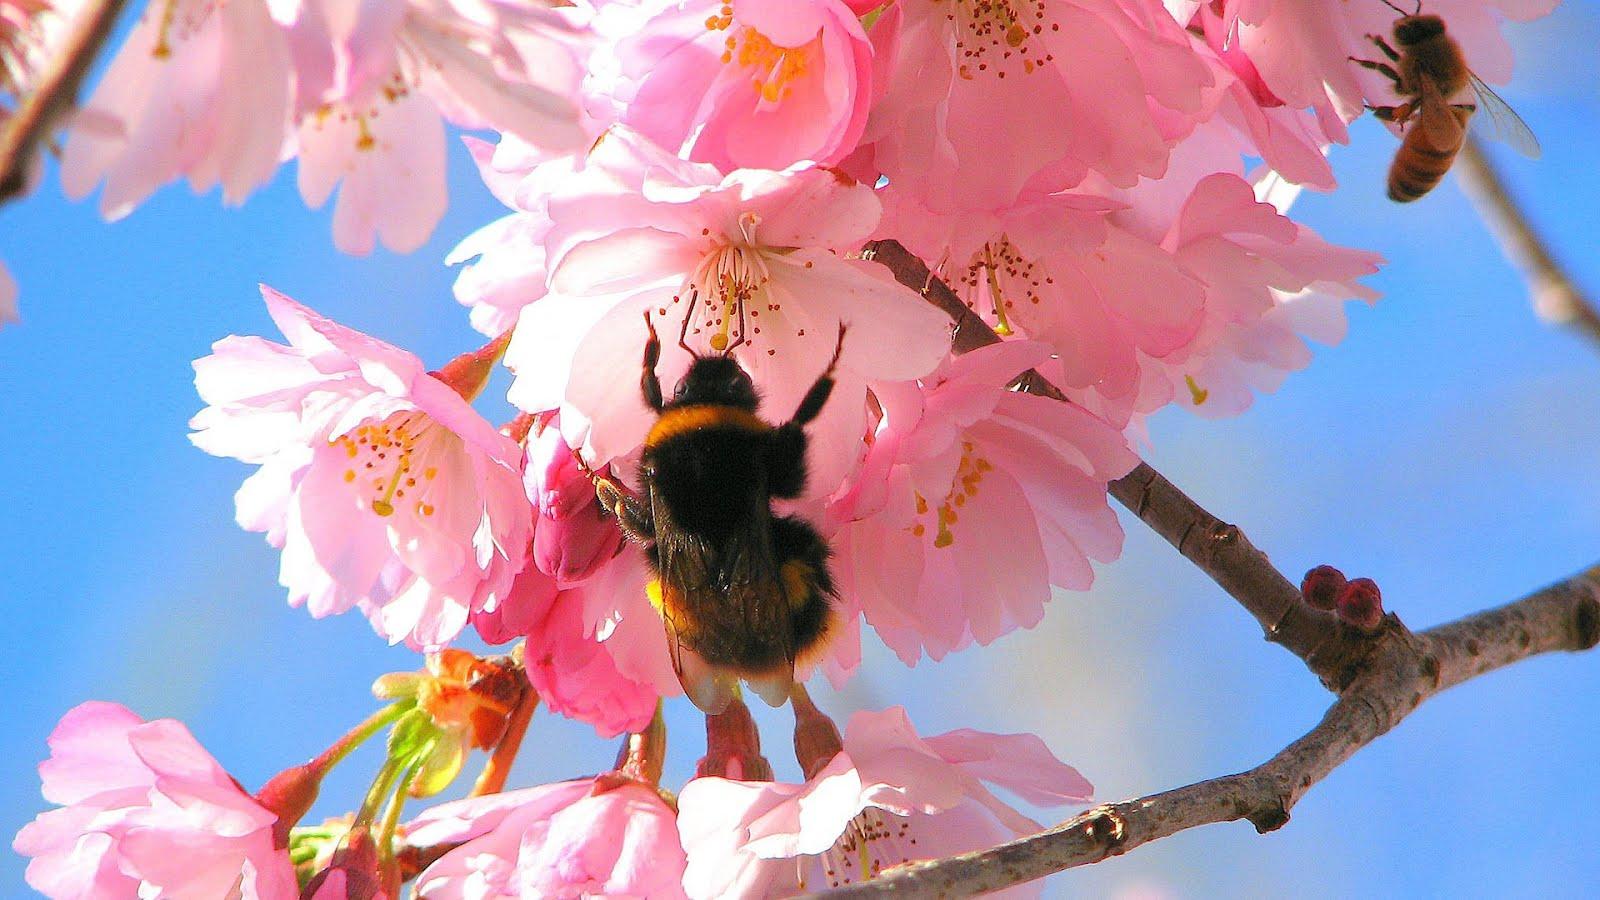 http://4.bp.blogspot.com/-HquzqiCR2HE/T1sxNRwhLWI/AAAAAAAAAUM/7cnh39uSk-I/s1600/Bees_in_the_Cherry_Tree_1920x1080-HDTV-1080p.jpg